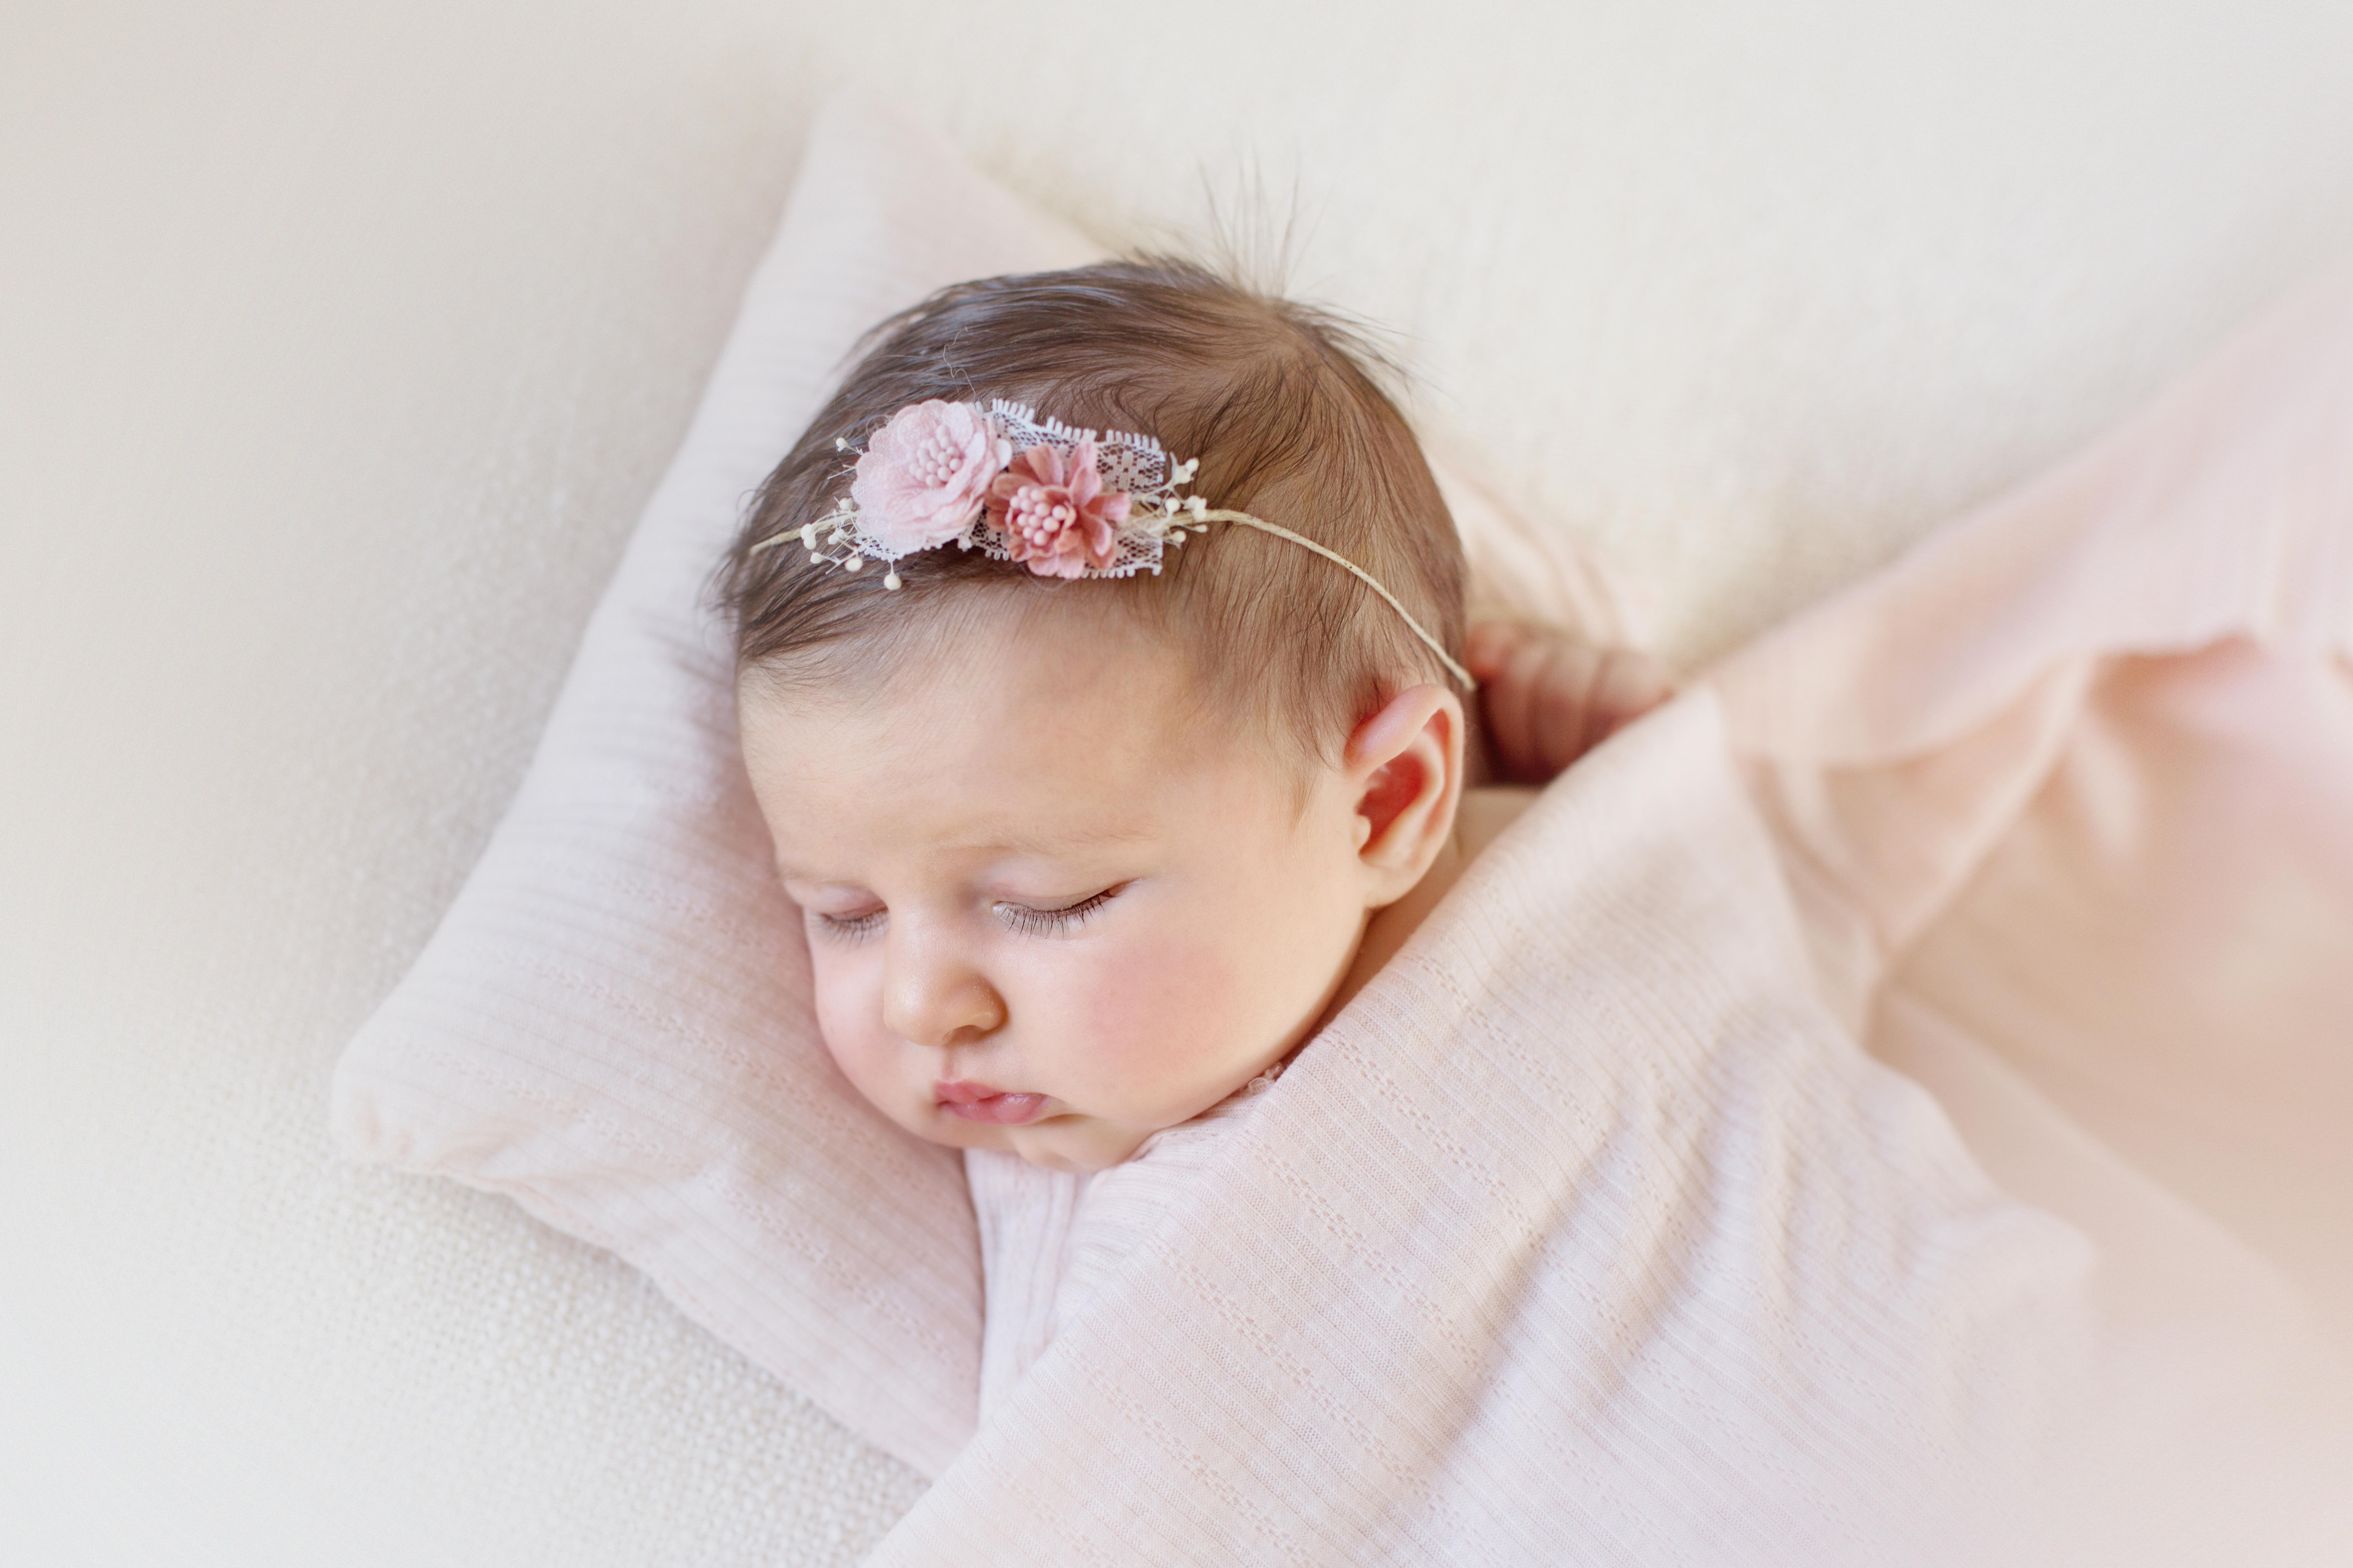 photographe-bebe-nouveau-ne-seances-haute-couture-paris